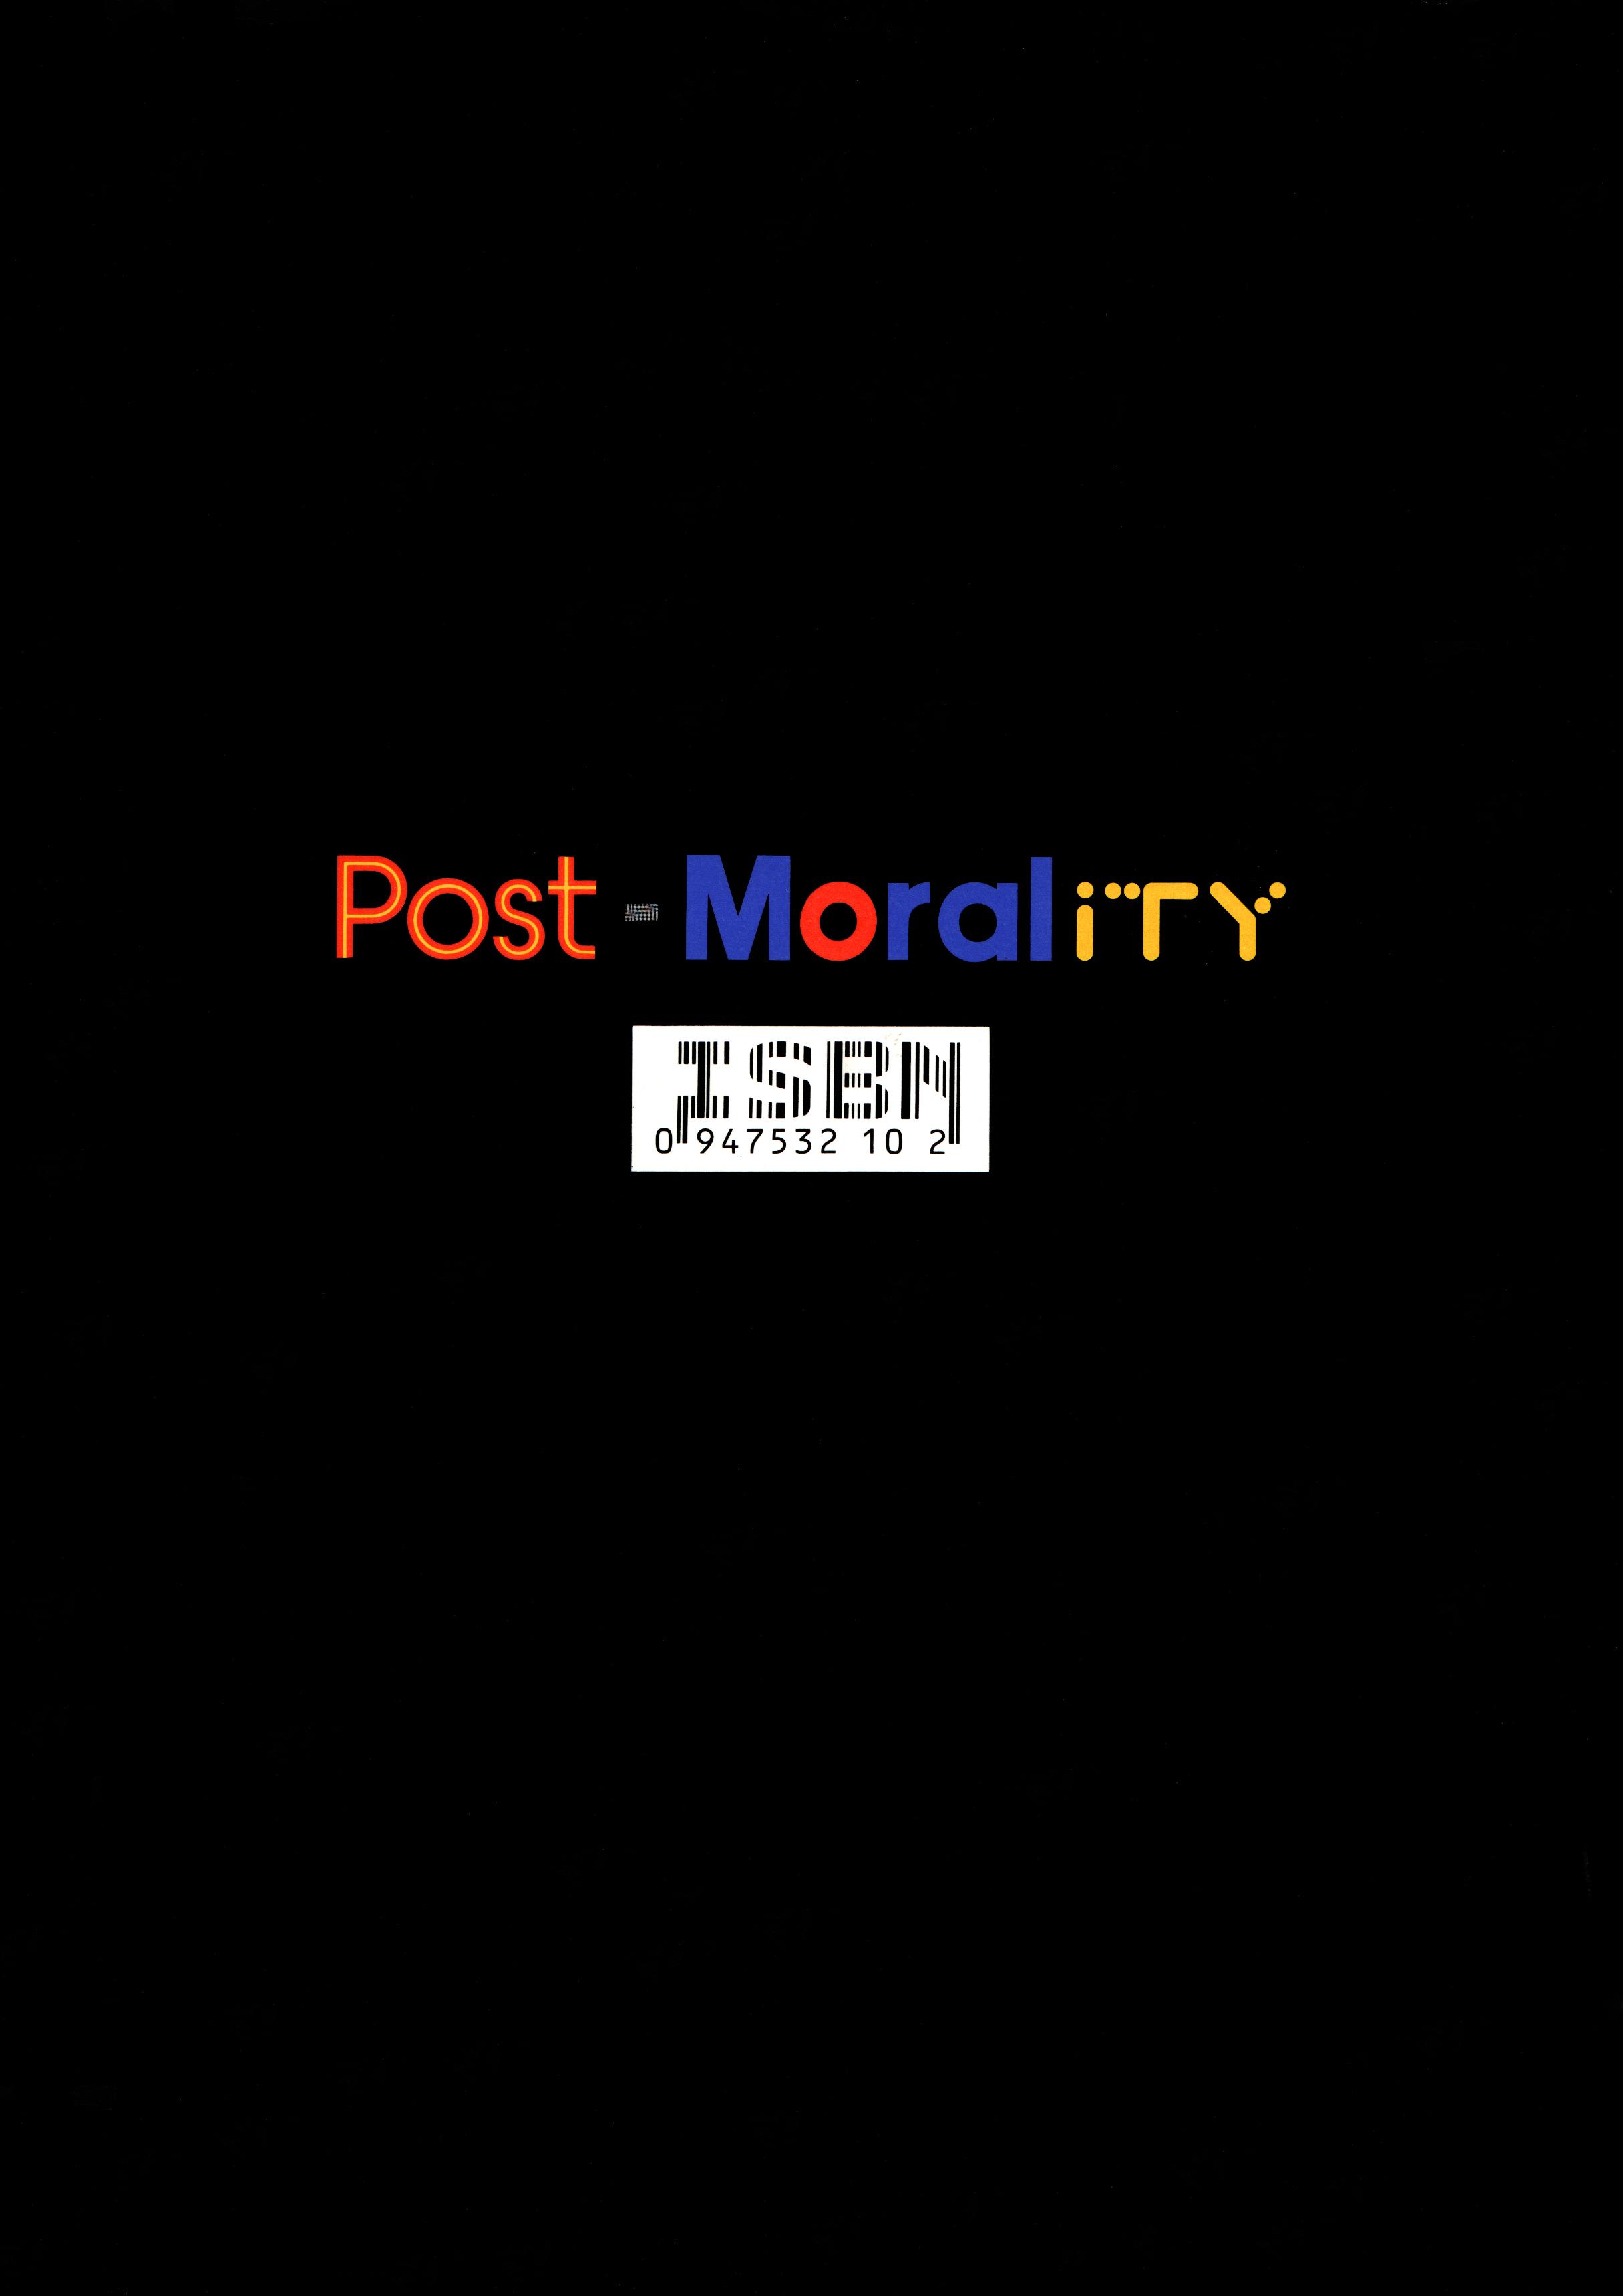 90 Postmorality.jpg